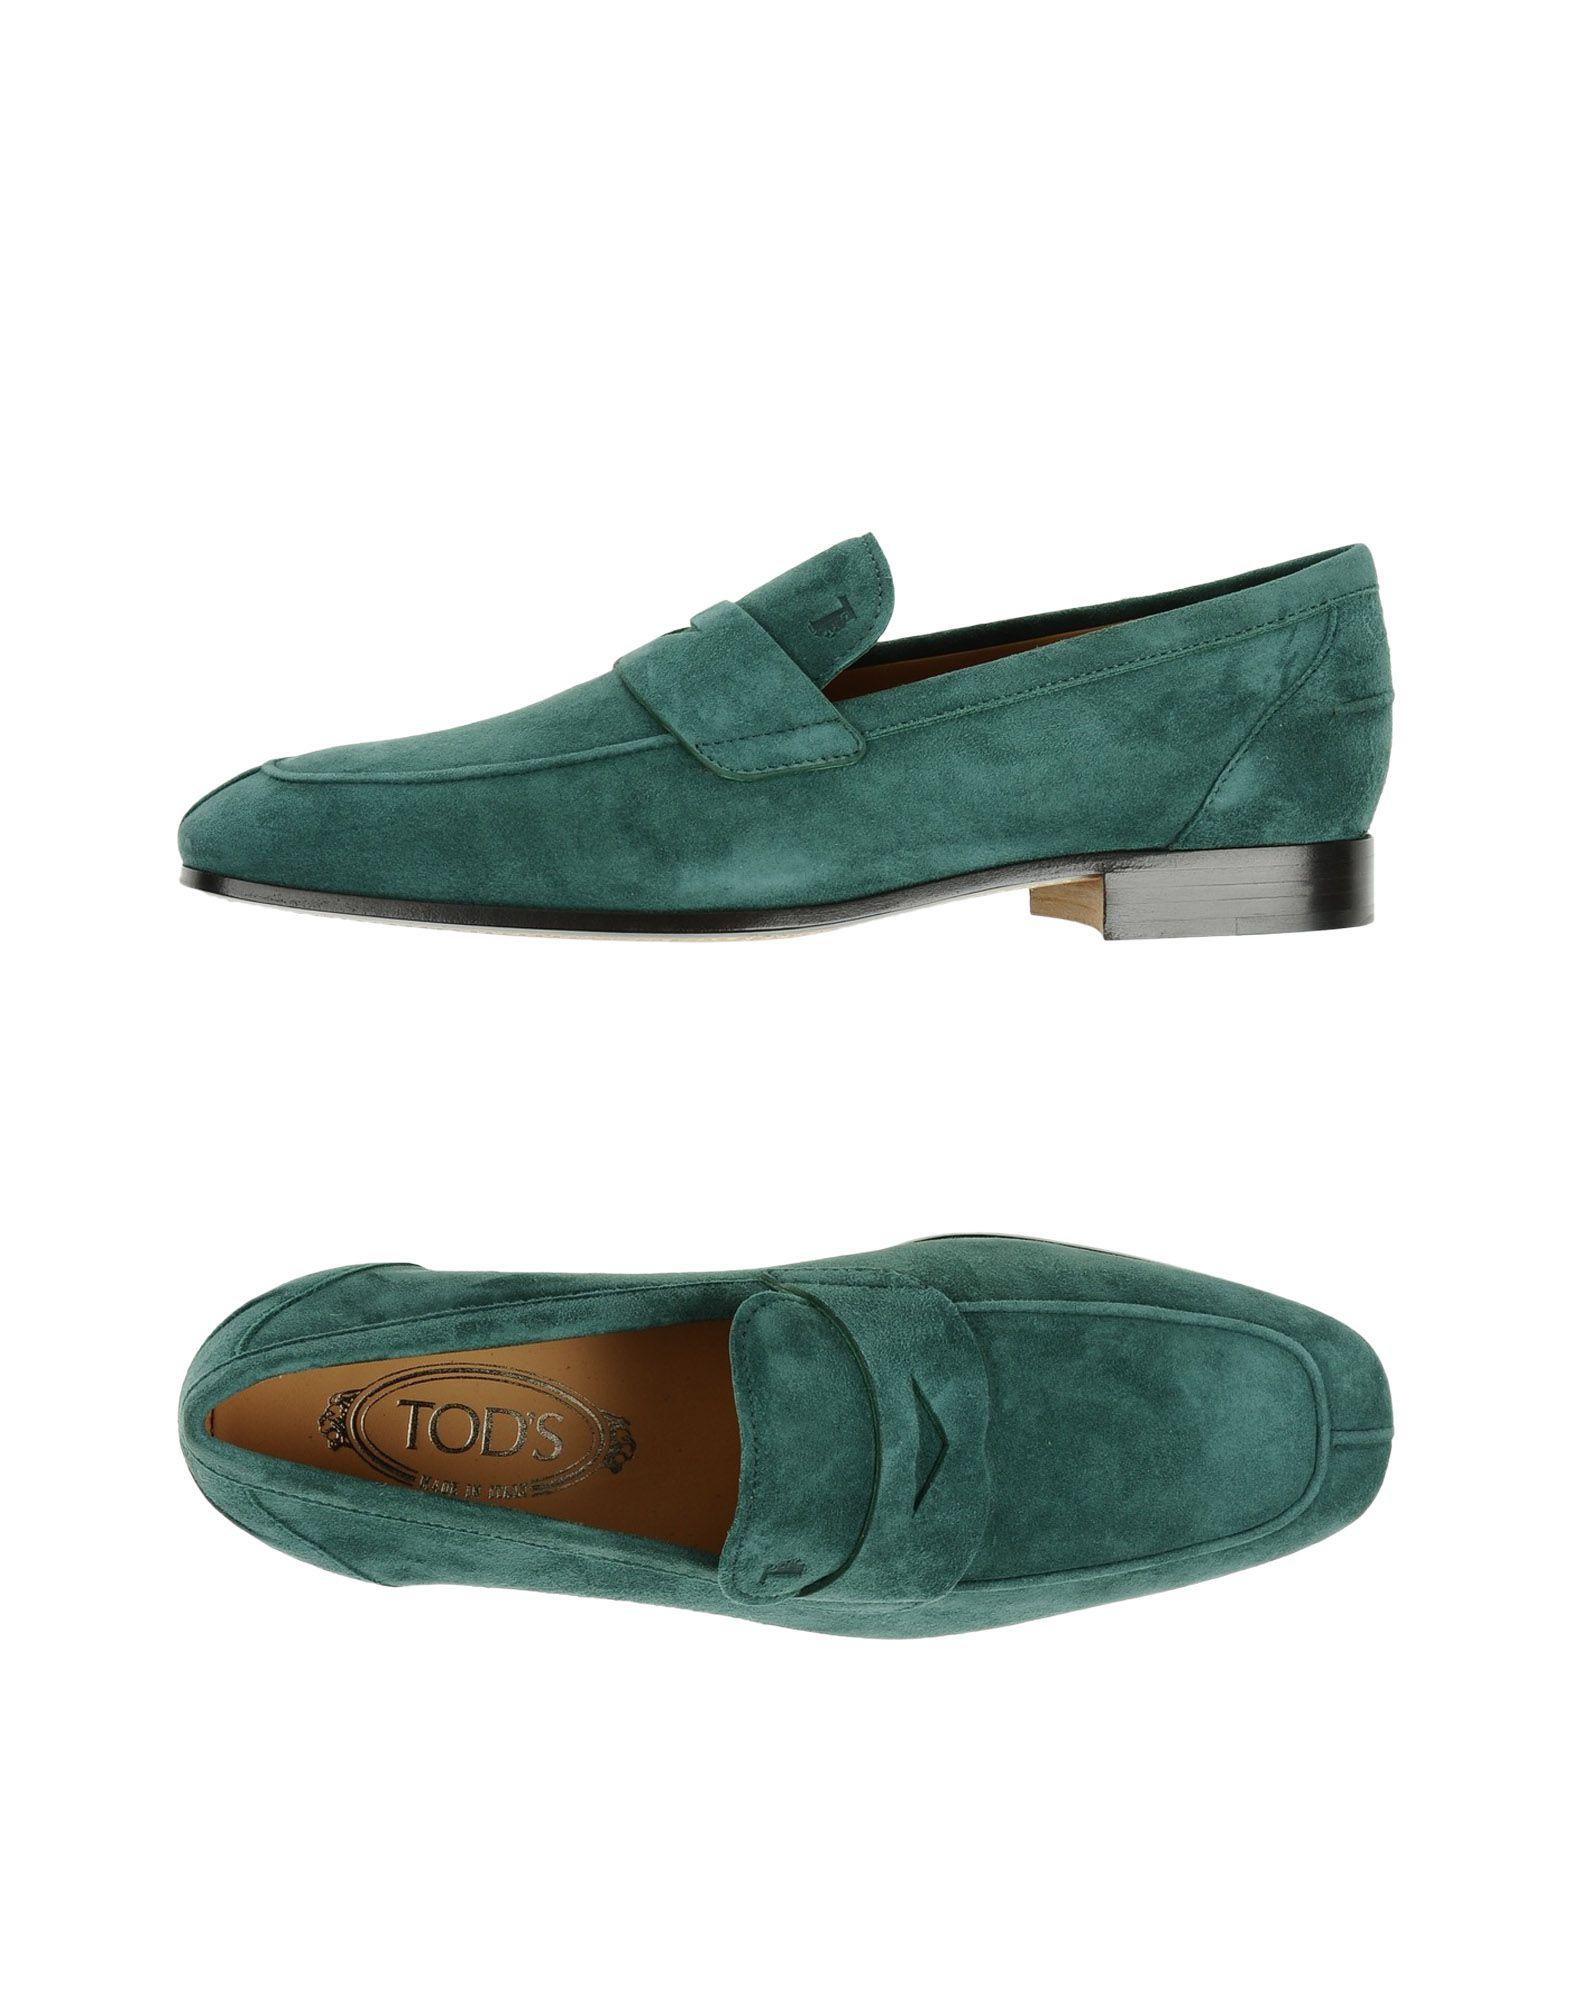 Tod's Mokassins Herren  11336359XR Gute Qualität beliebte Schuhe